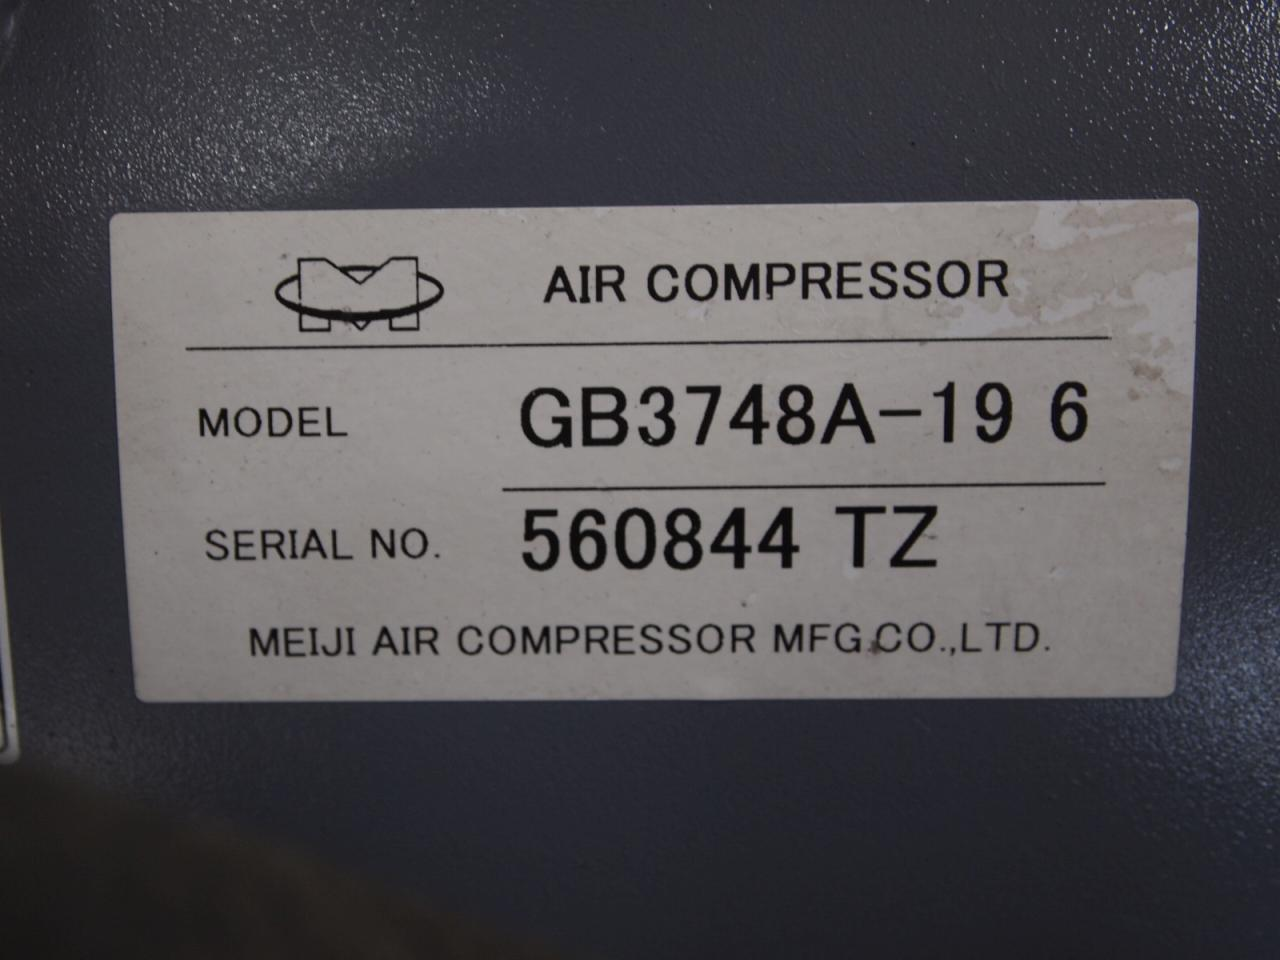 GB3748A-196銘板